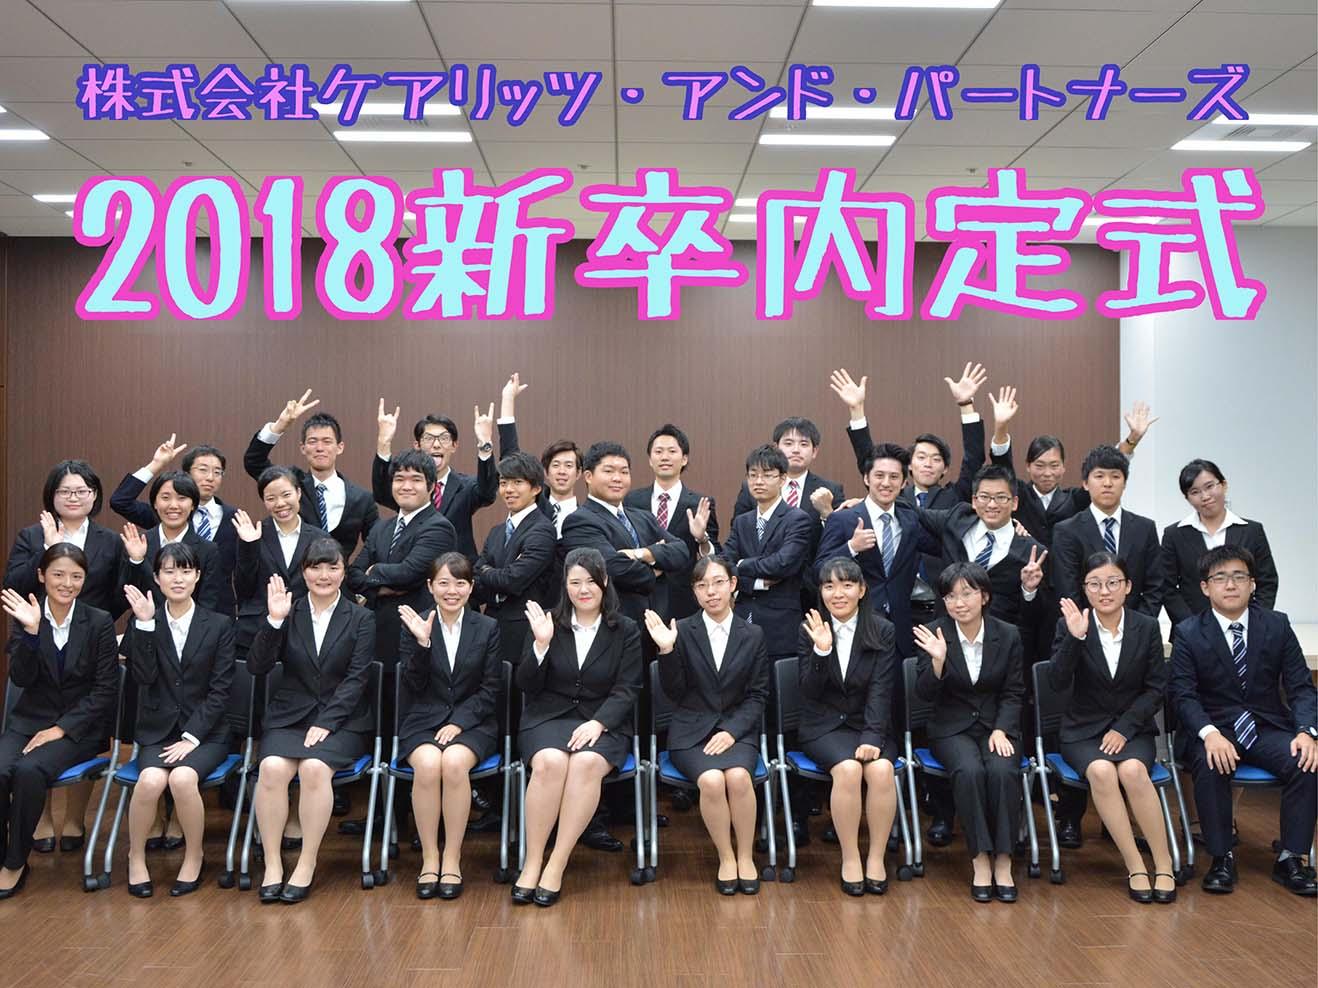 【人事ブログ】2018年新卒内定式